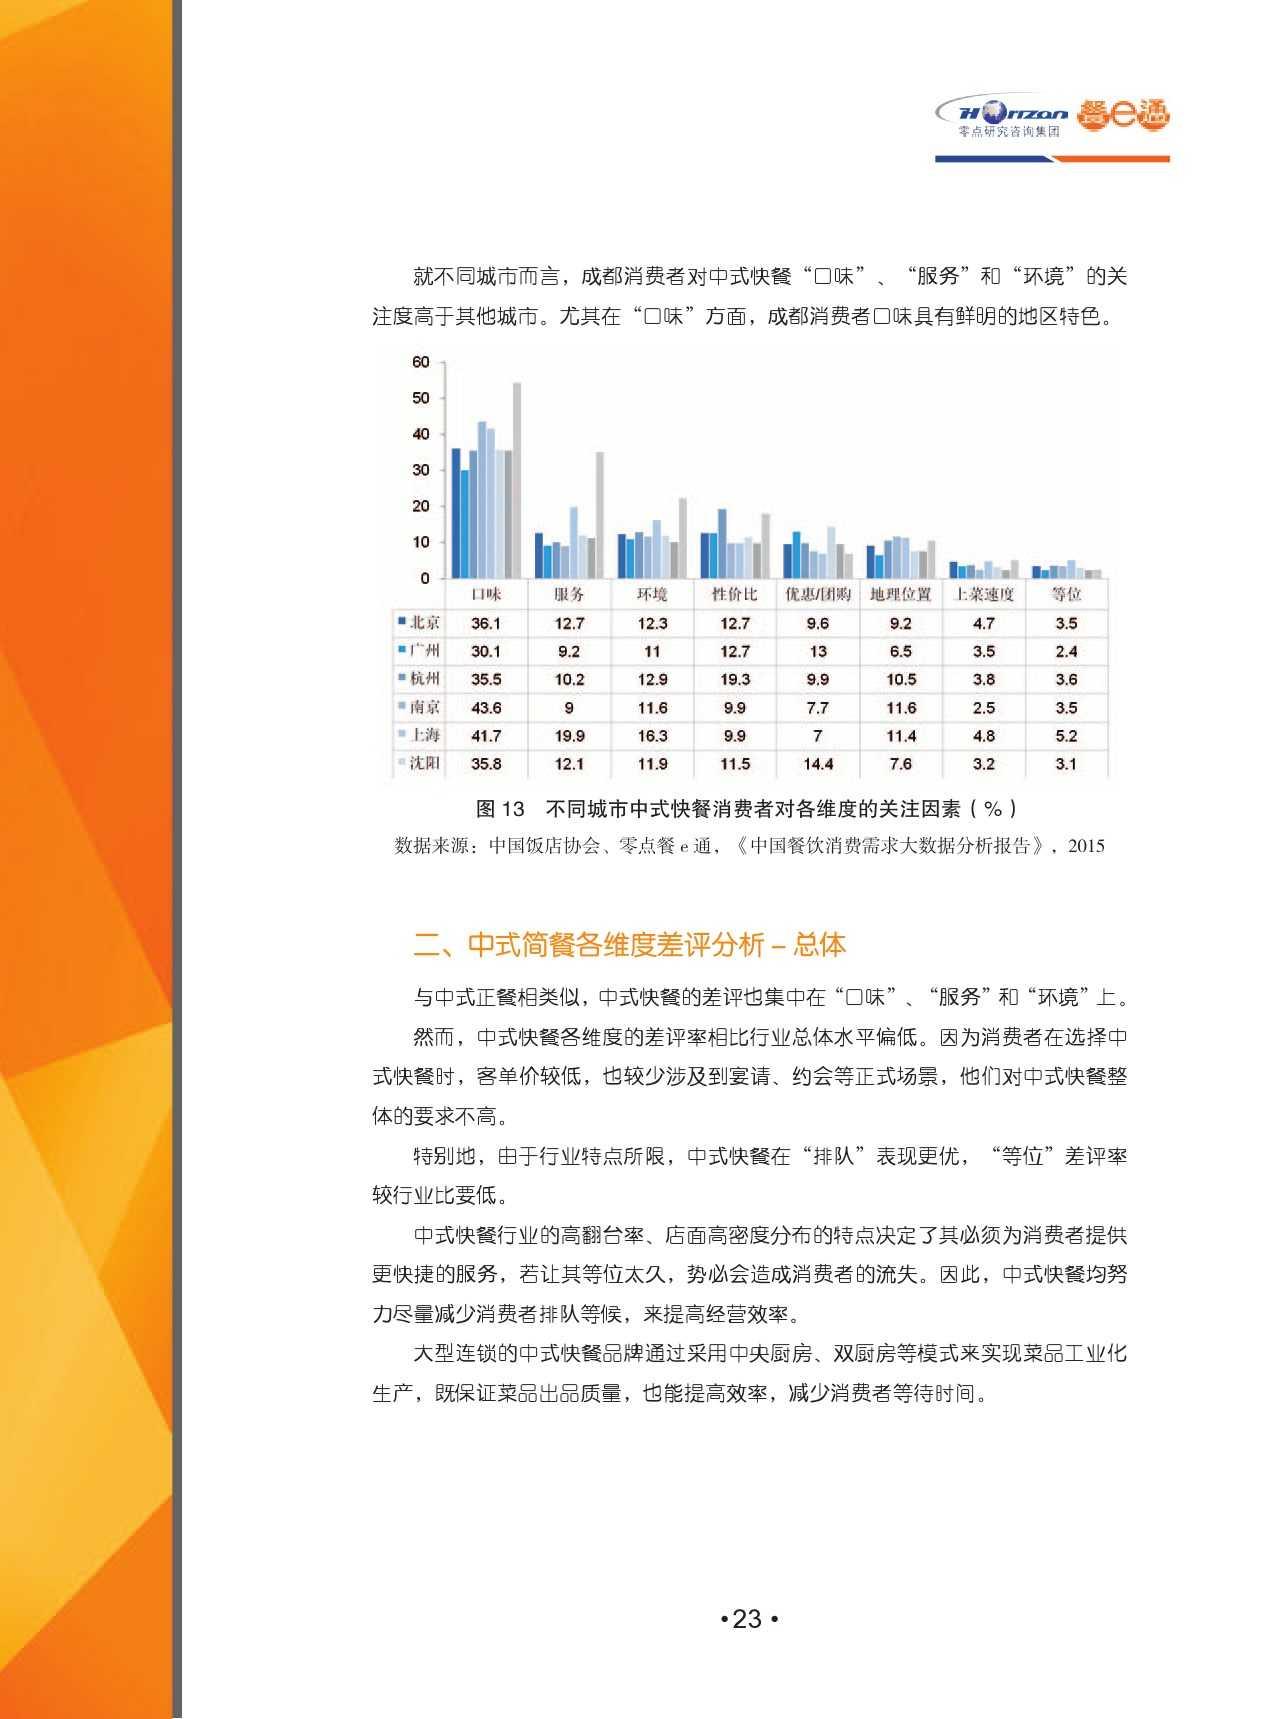 2015中国餐饮消费需求大数据分析报告_000025